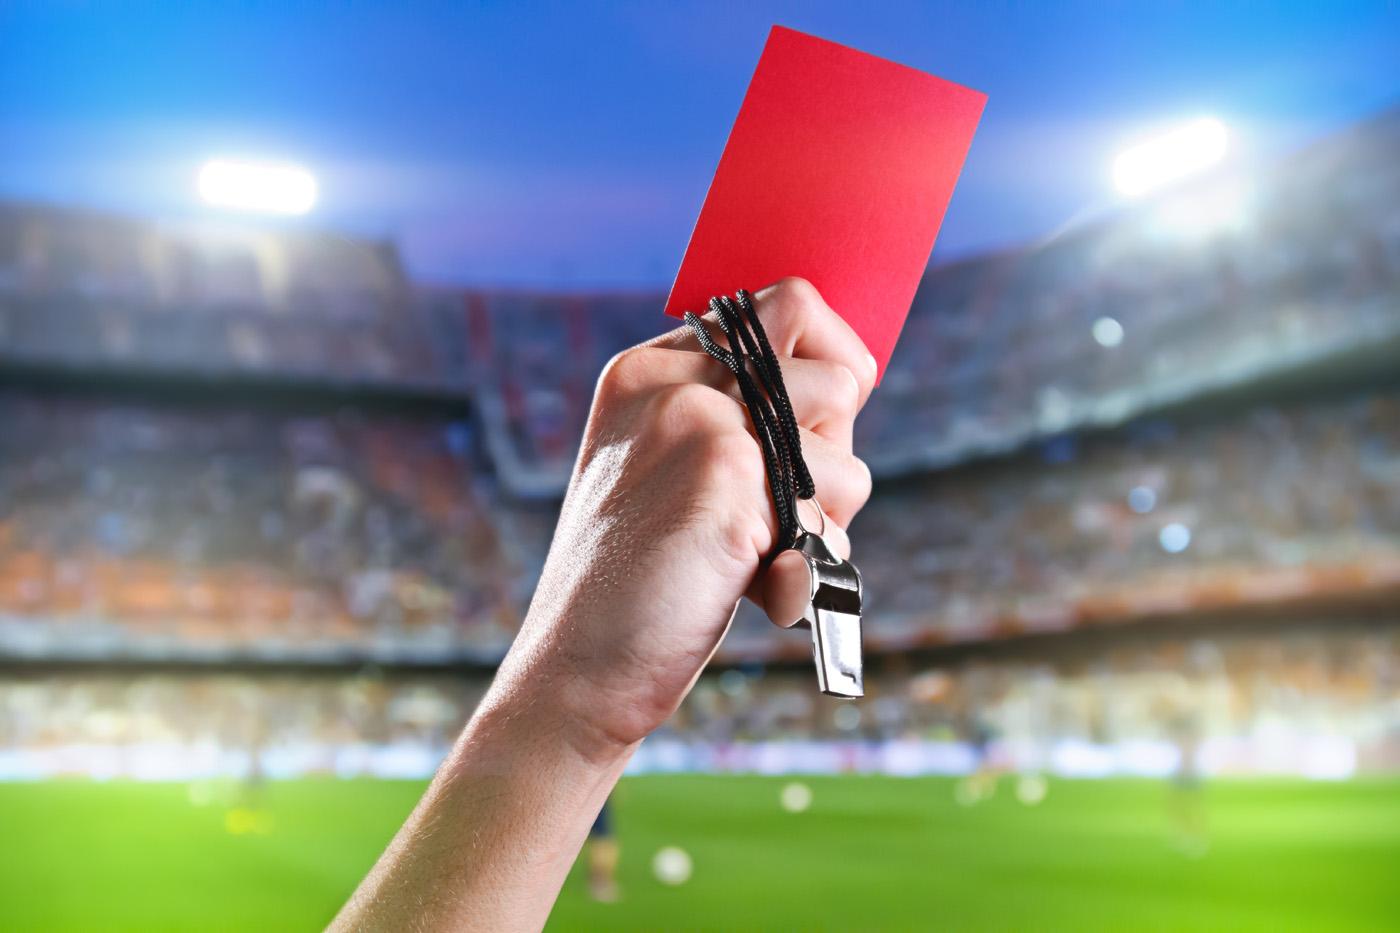 الكشف عن حكم مباراة نهائي دوري الأبطال بين ليفربول وتوتنهام